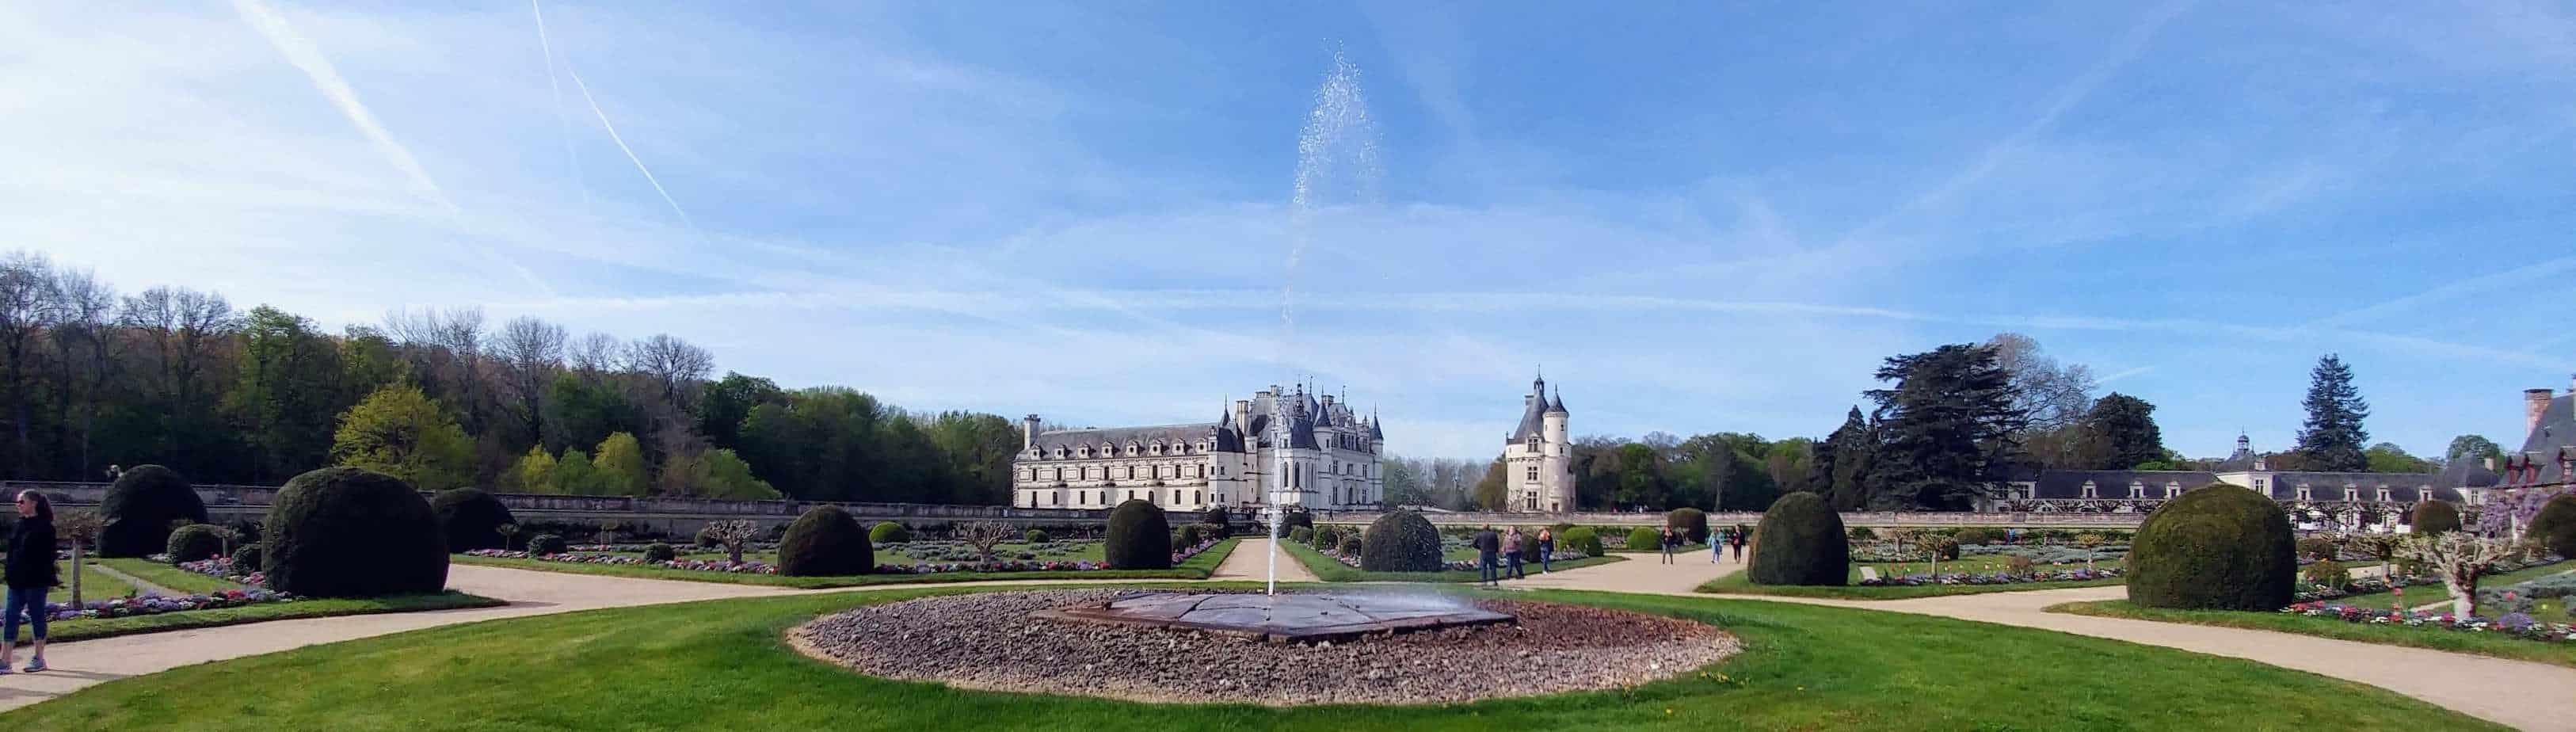 עמק הלואר עם ילדים - ארמון שננסו Chenonceau.jpg הגנים